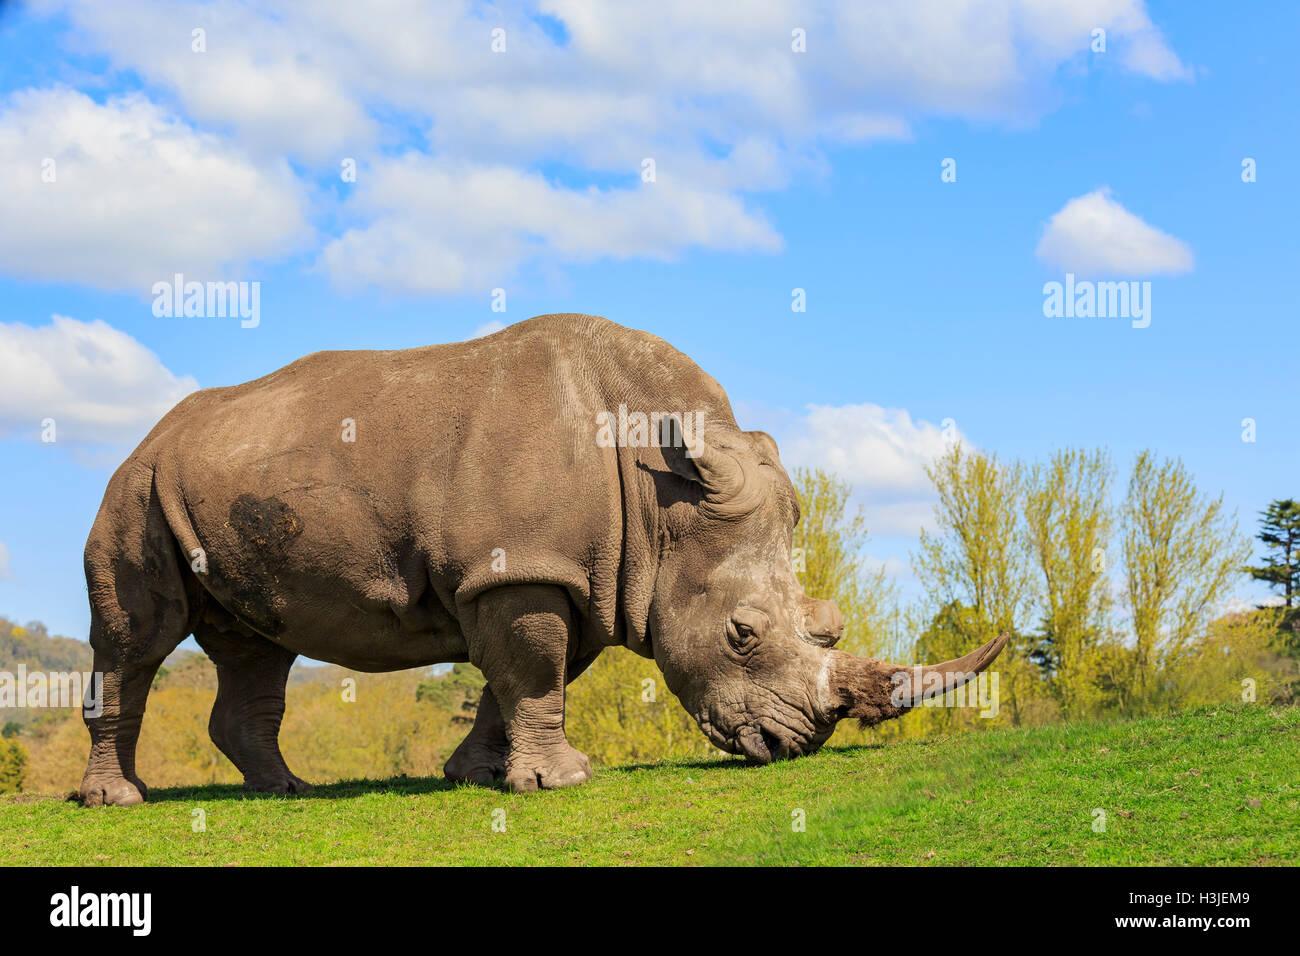 El rinoceronte indio en el hermoso Parque Safari West Midland en Apr 23, 2016 en Spring Grove, Reino Unido Imagen De Stock